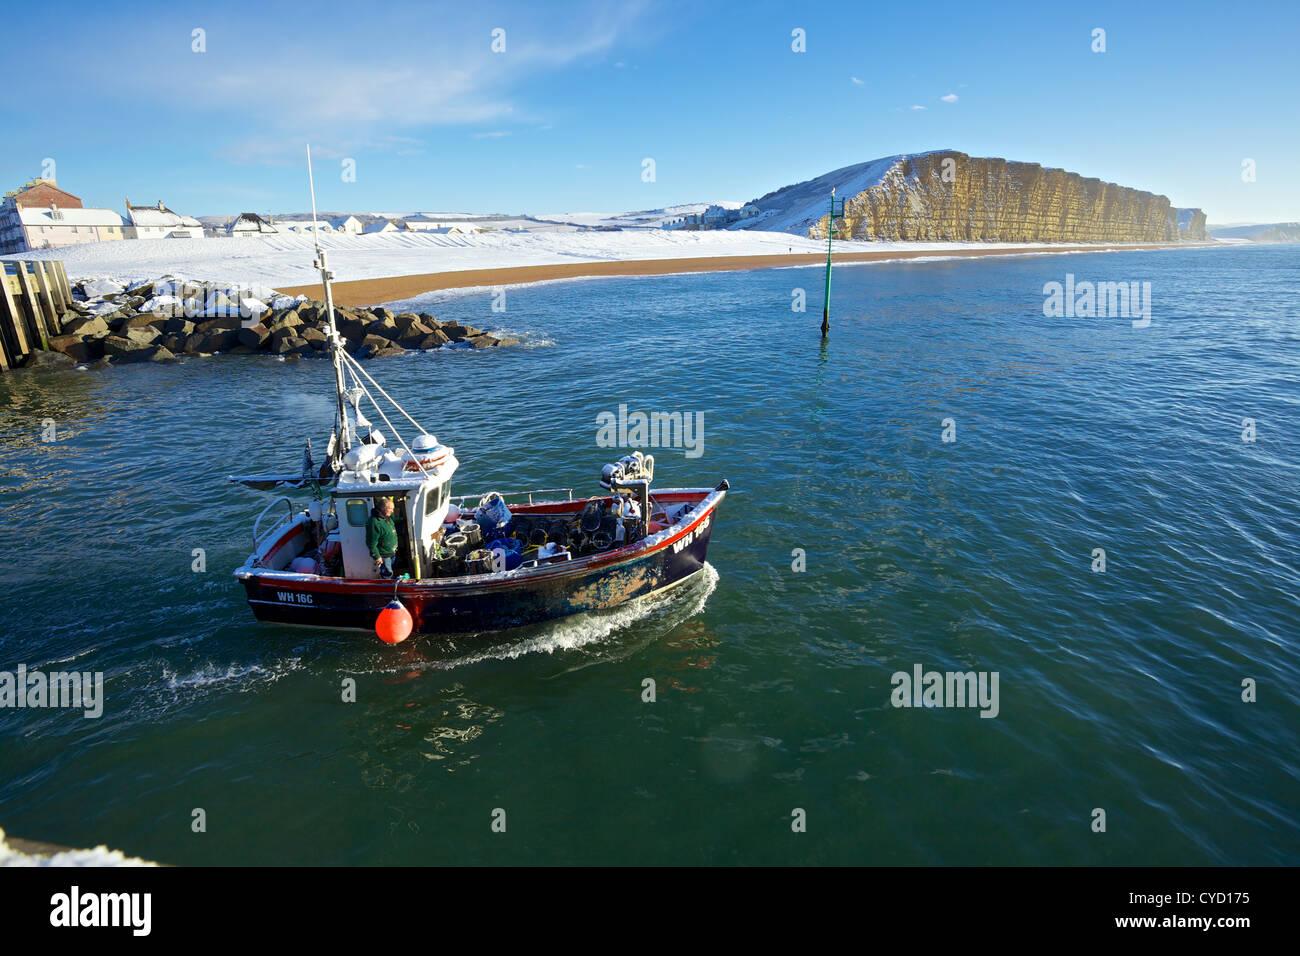 Ein Fischerboot verlässt West Bay Harbour, nach Schnee den Strand bedeckt Stockbild